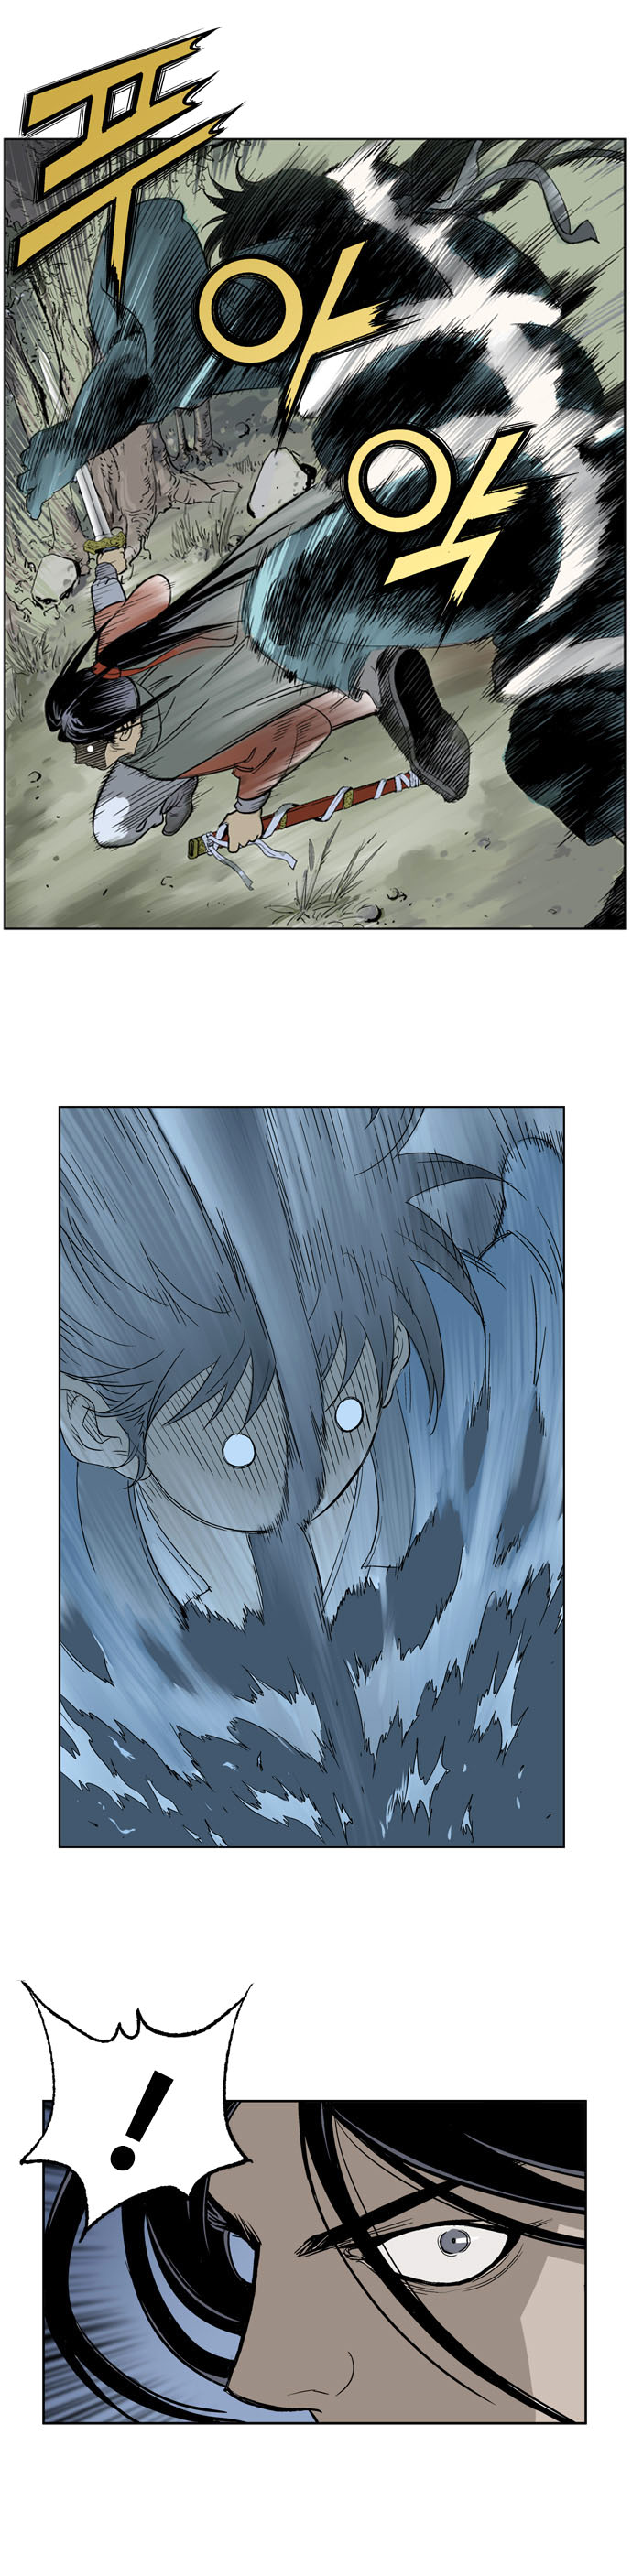 https://c5.ninemanga.com/es_manga/9/18249/452519/df83971673de5c8e71ca1e2645718dad.jpg Page 8